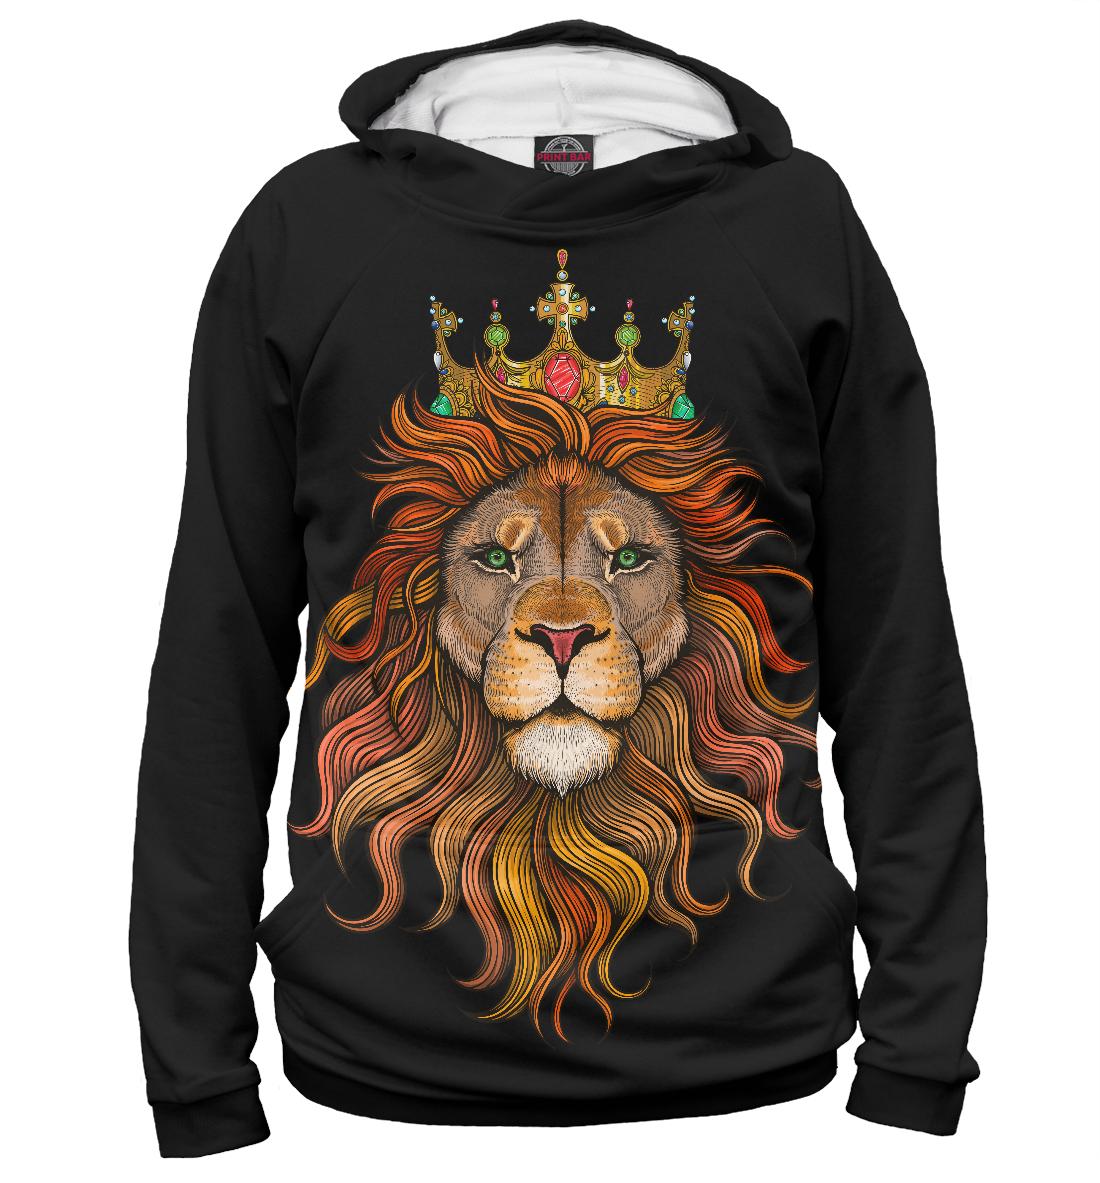 Купить Лев король, Printbar, Худи, HIS-770828-hud-1